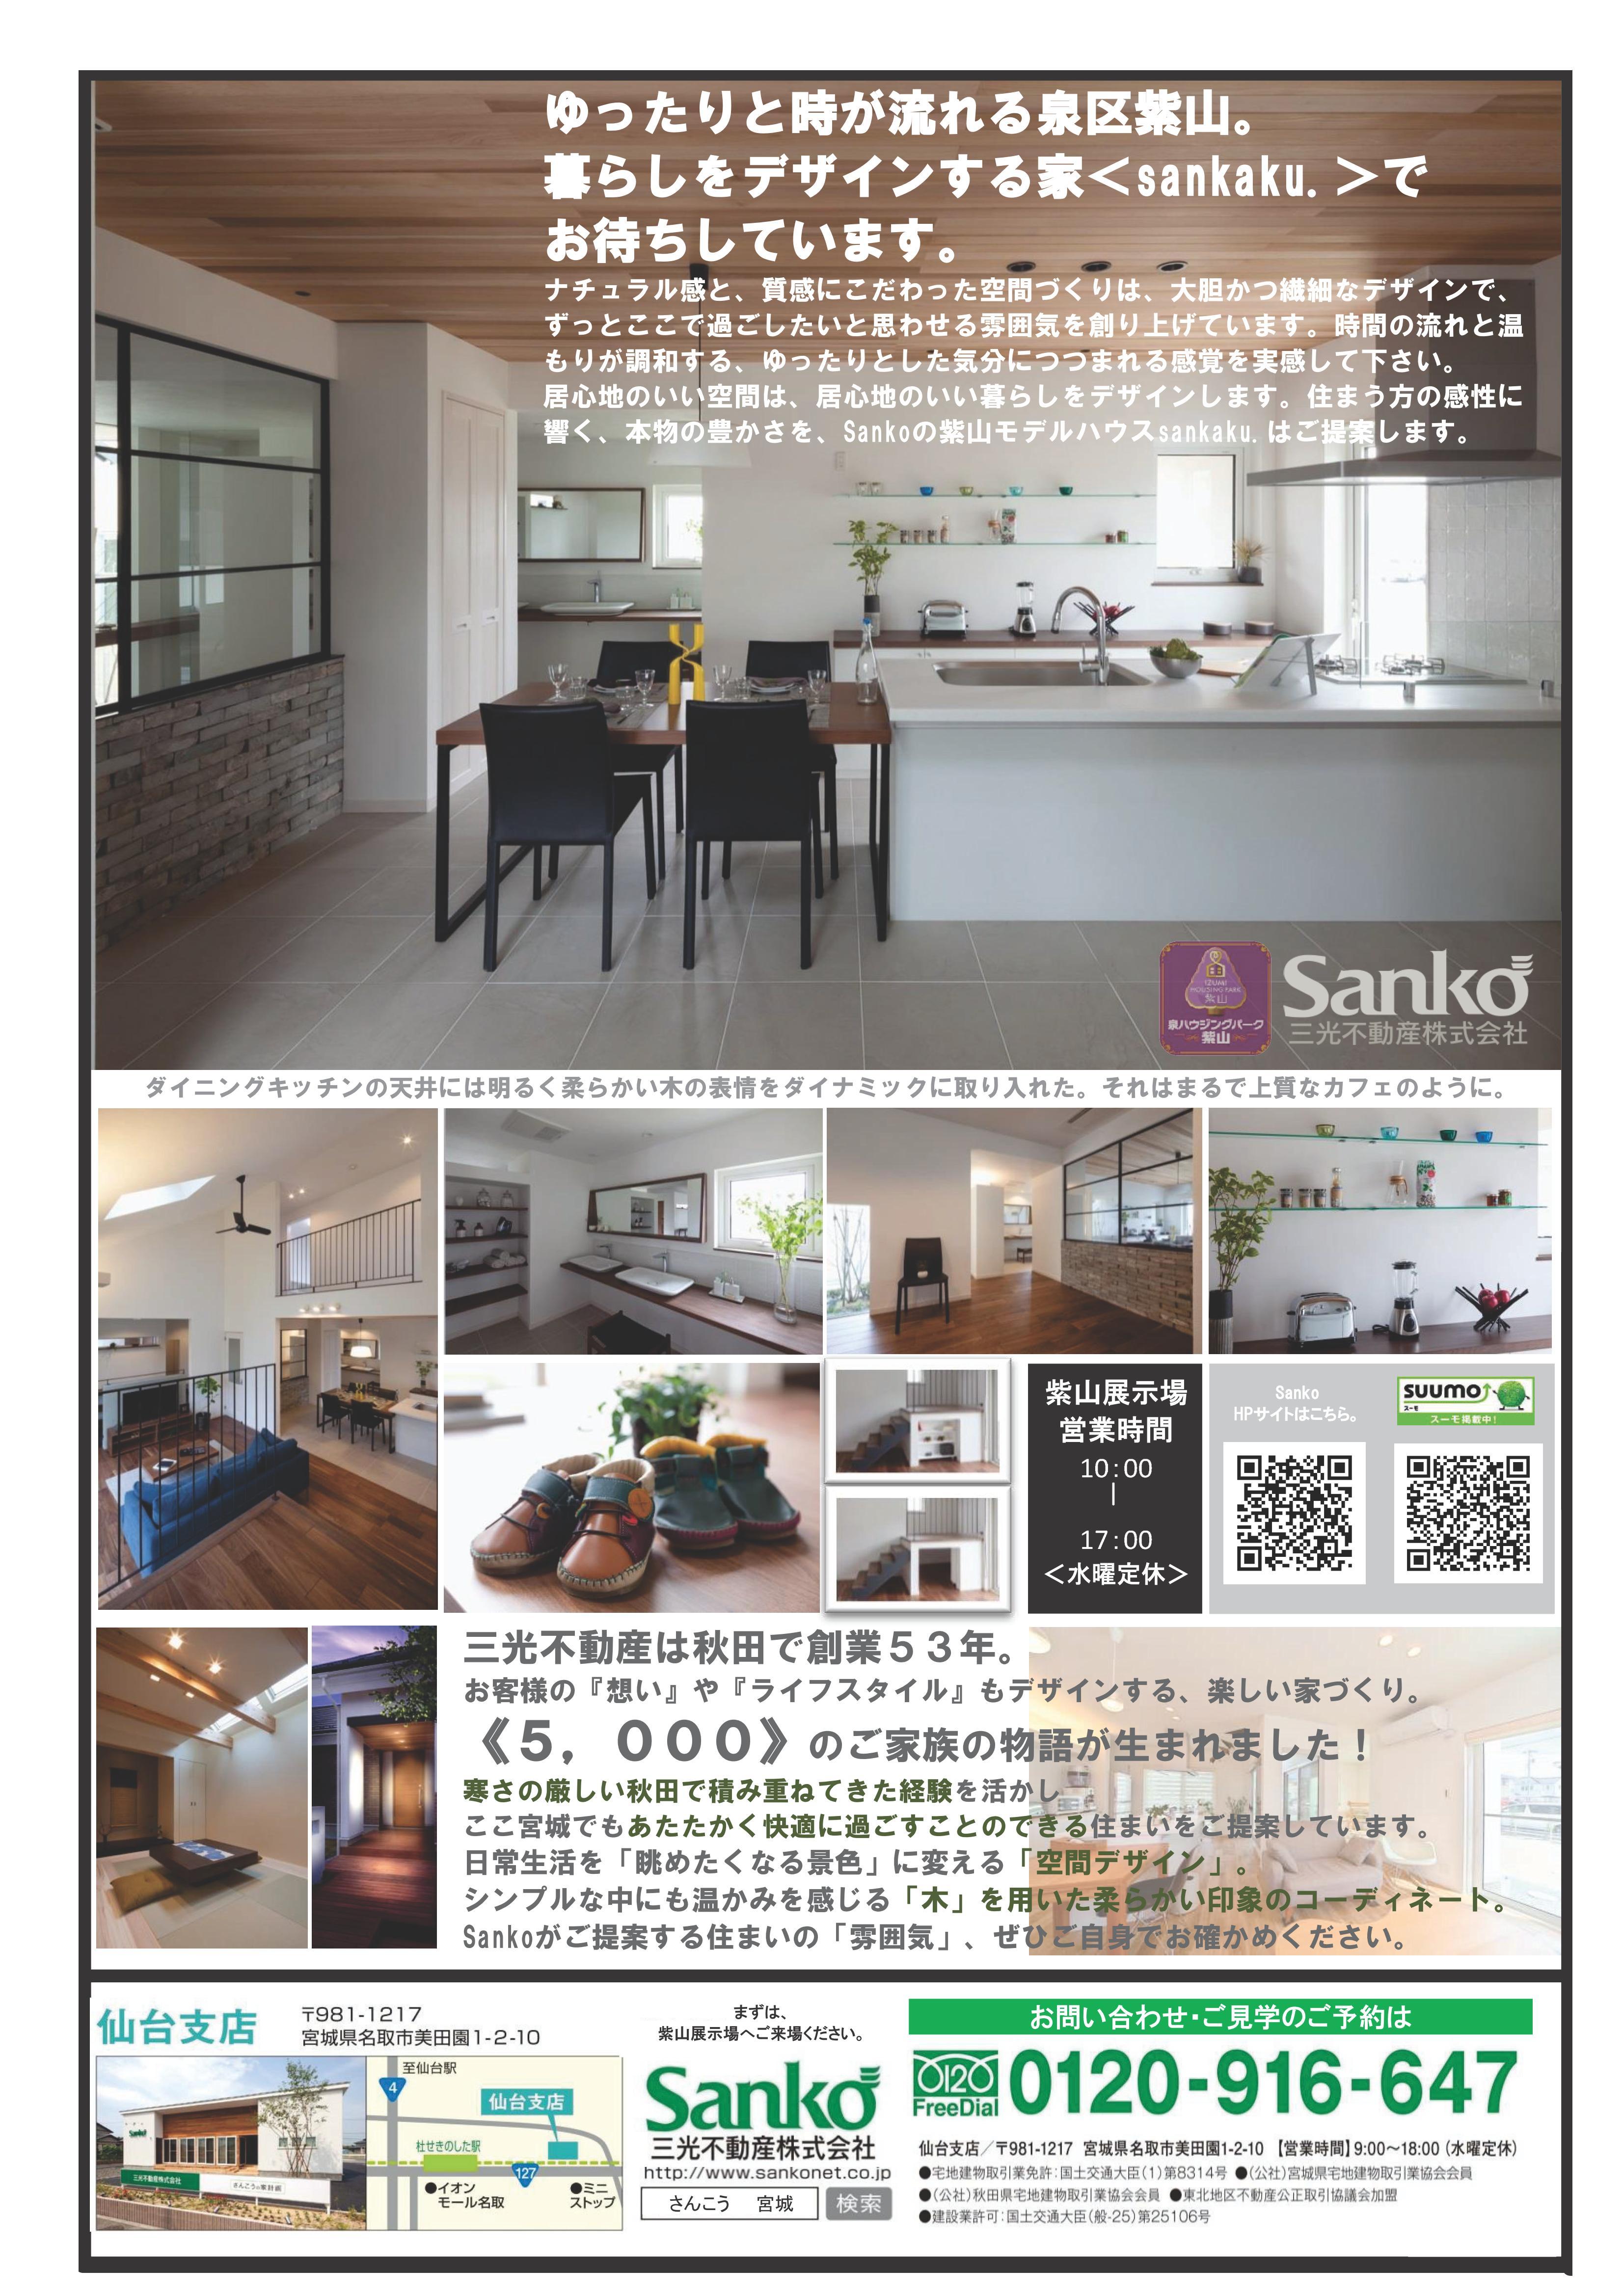 紫山秋の住宅フェア